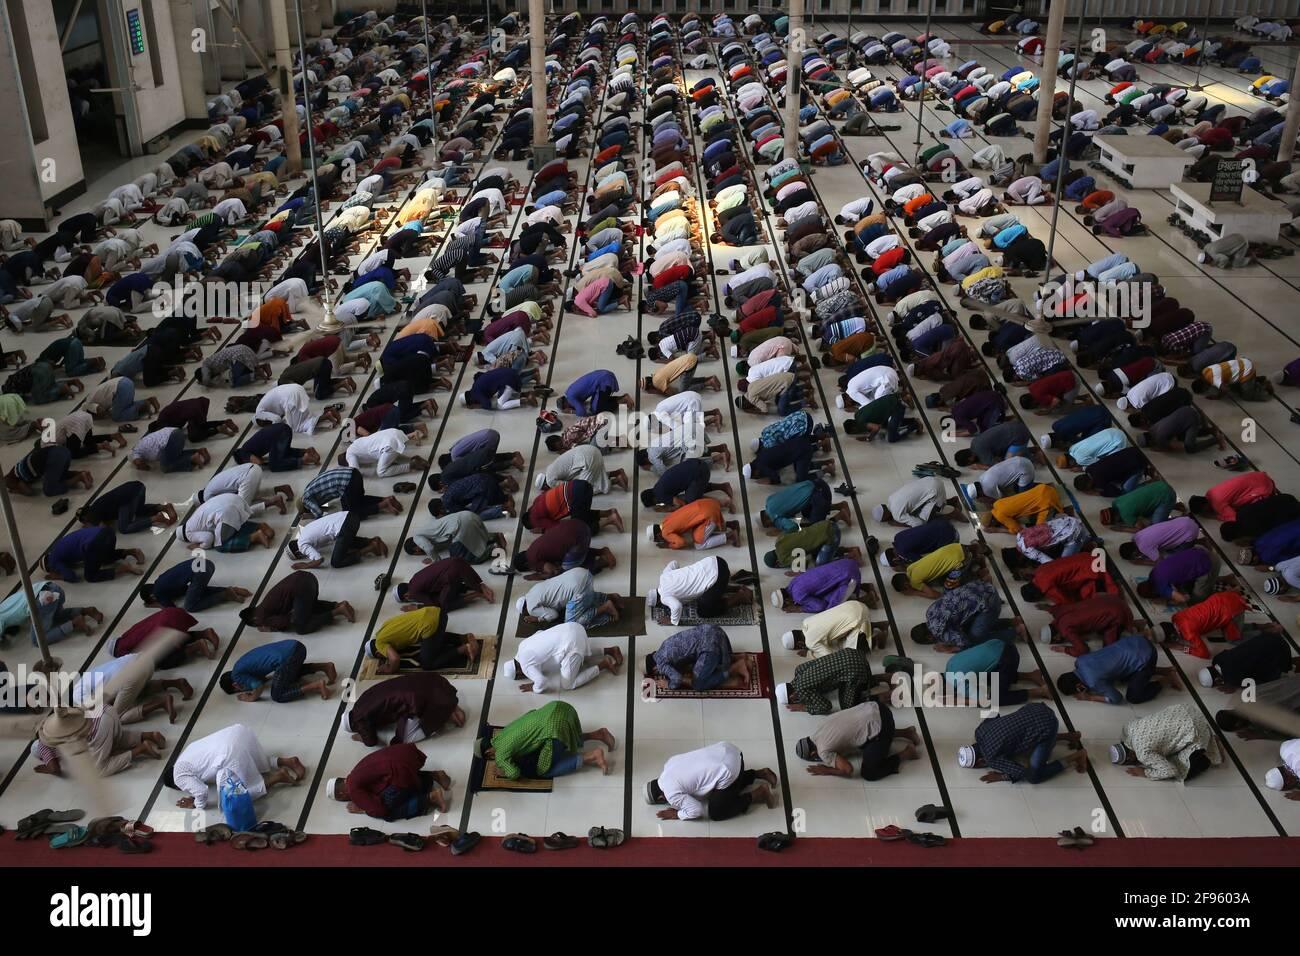 16 avril 2021, Dhaka, Bangladesh: On a vu des gens ignorer les questions de sécurité comme la distanciation sociale en exécutant la première prière jumma du mois Saint du ramadan pendant le strict confinement imposé par le gouvernement en raison de la pandémie COVID-19. (Image de crédit : © M. Rakibul Hasan/ZUMA Wire) Banque D'Images